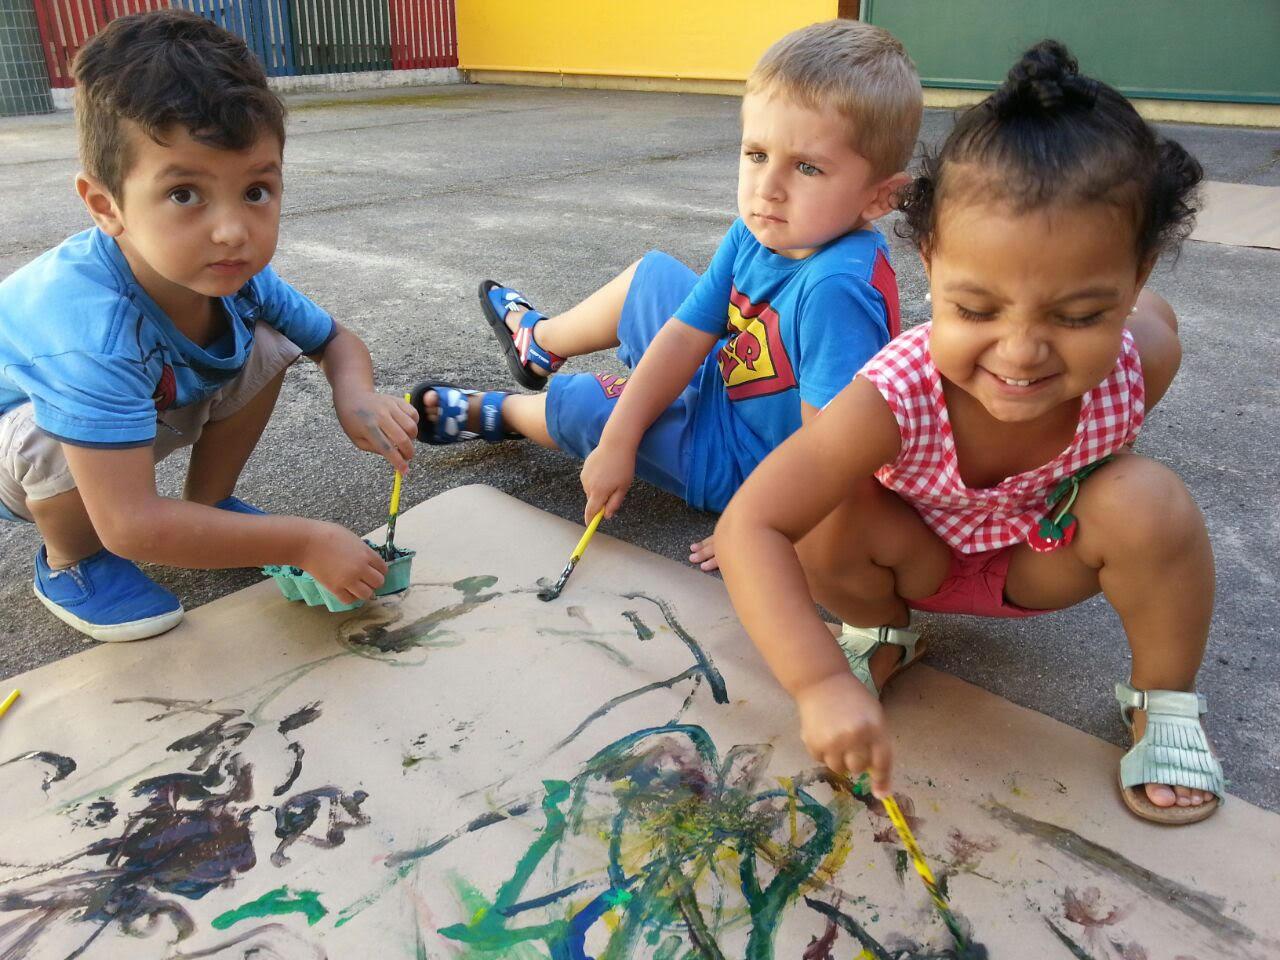 Cerca de mil crianças ainda esperam por vagas nas creches de Blumenau– Foto: PMF/Divulgação/ND